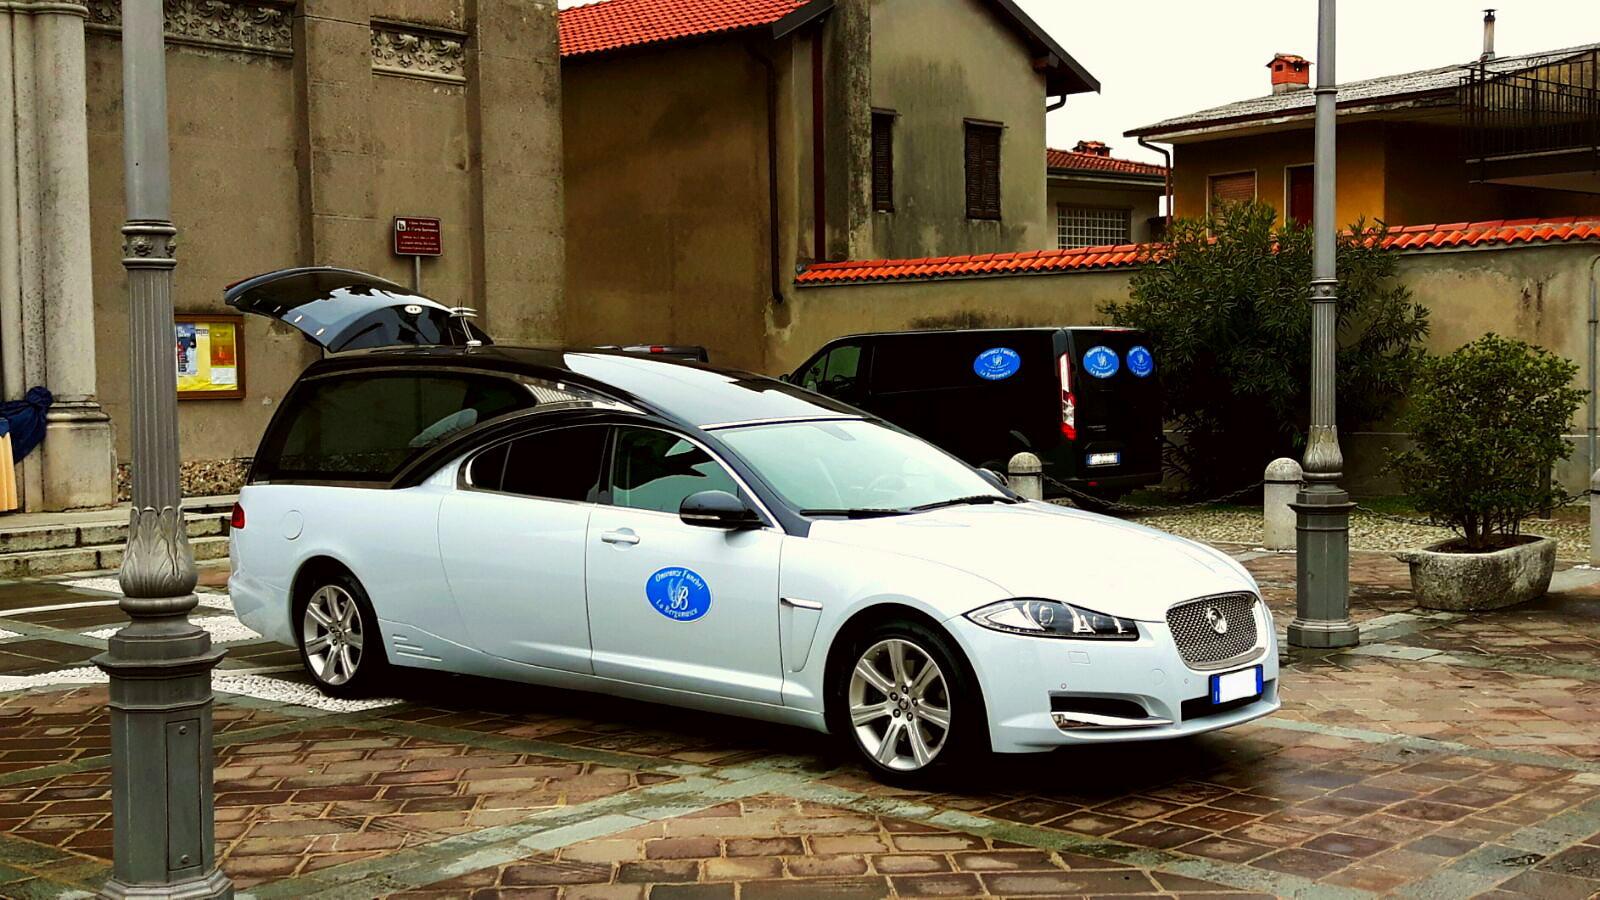 Nuovo Jaguar sito (6)